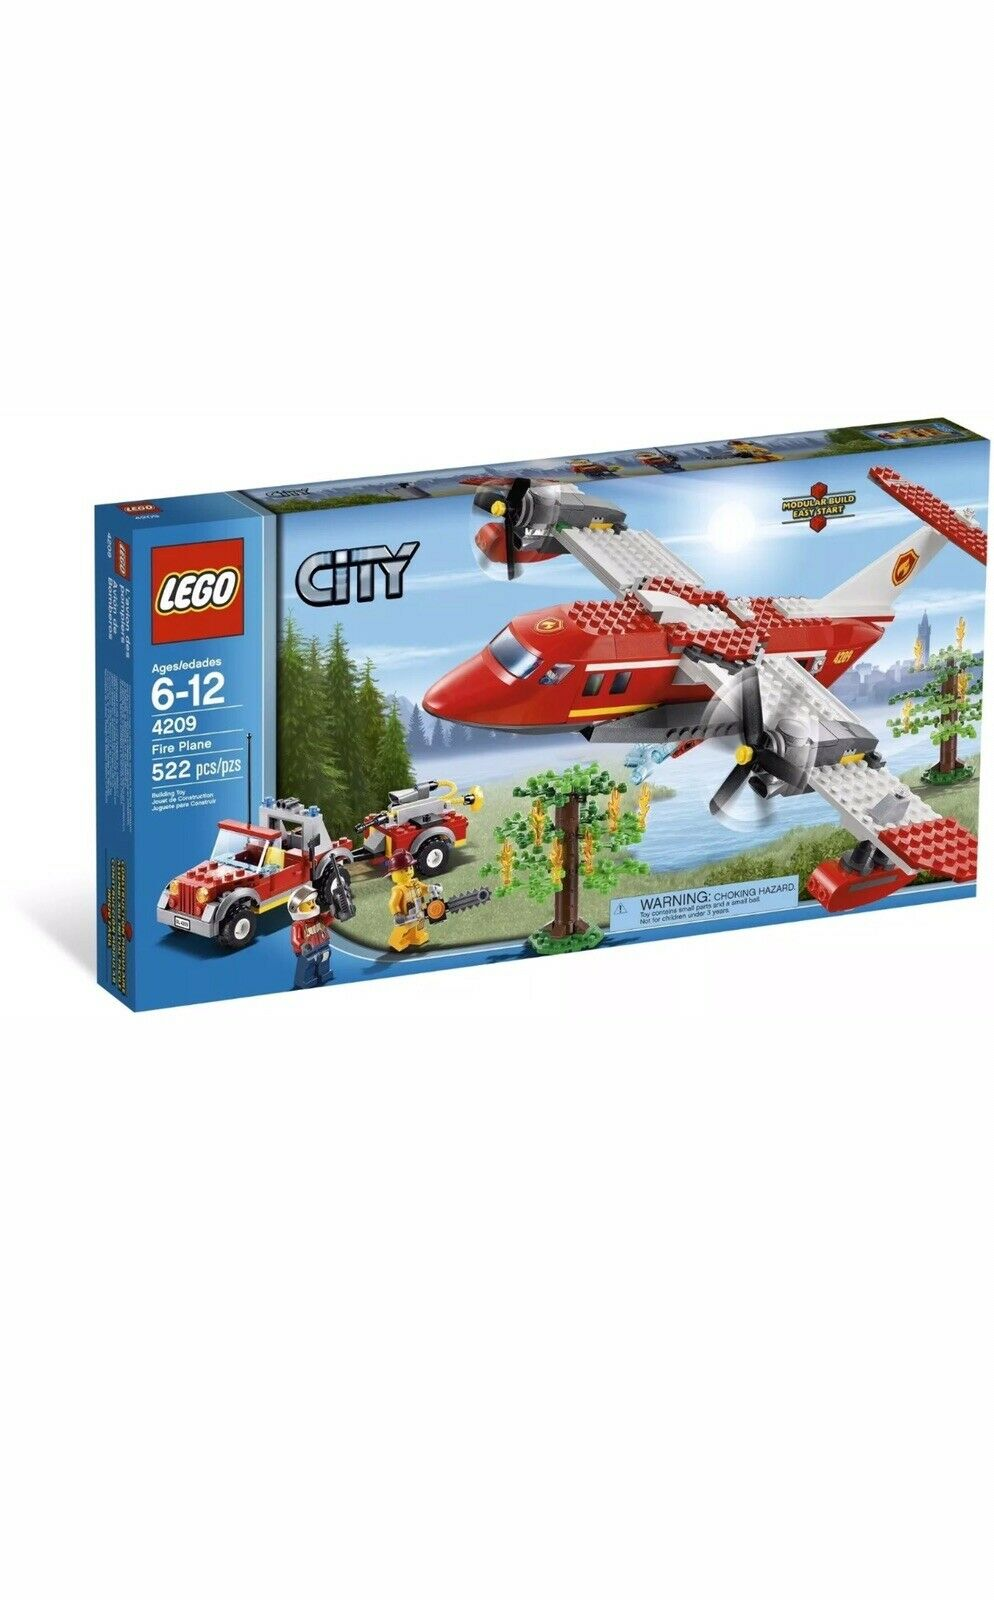 Lego Ciudad 4209 Avión De Fuego Nueva Sellada Caja retirado